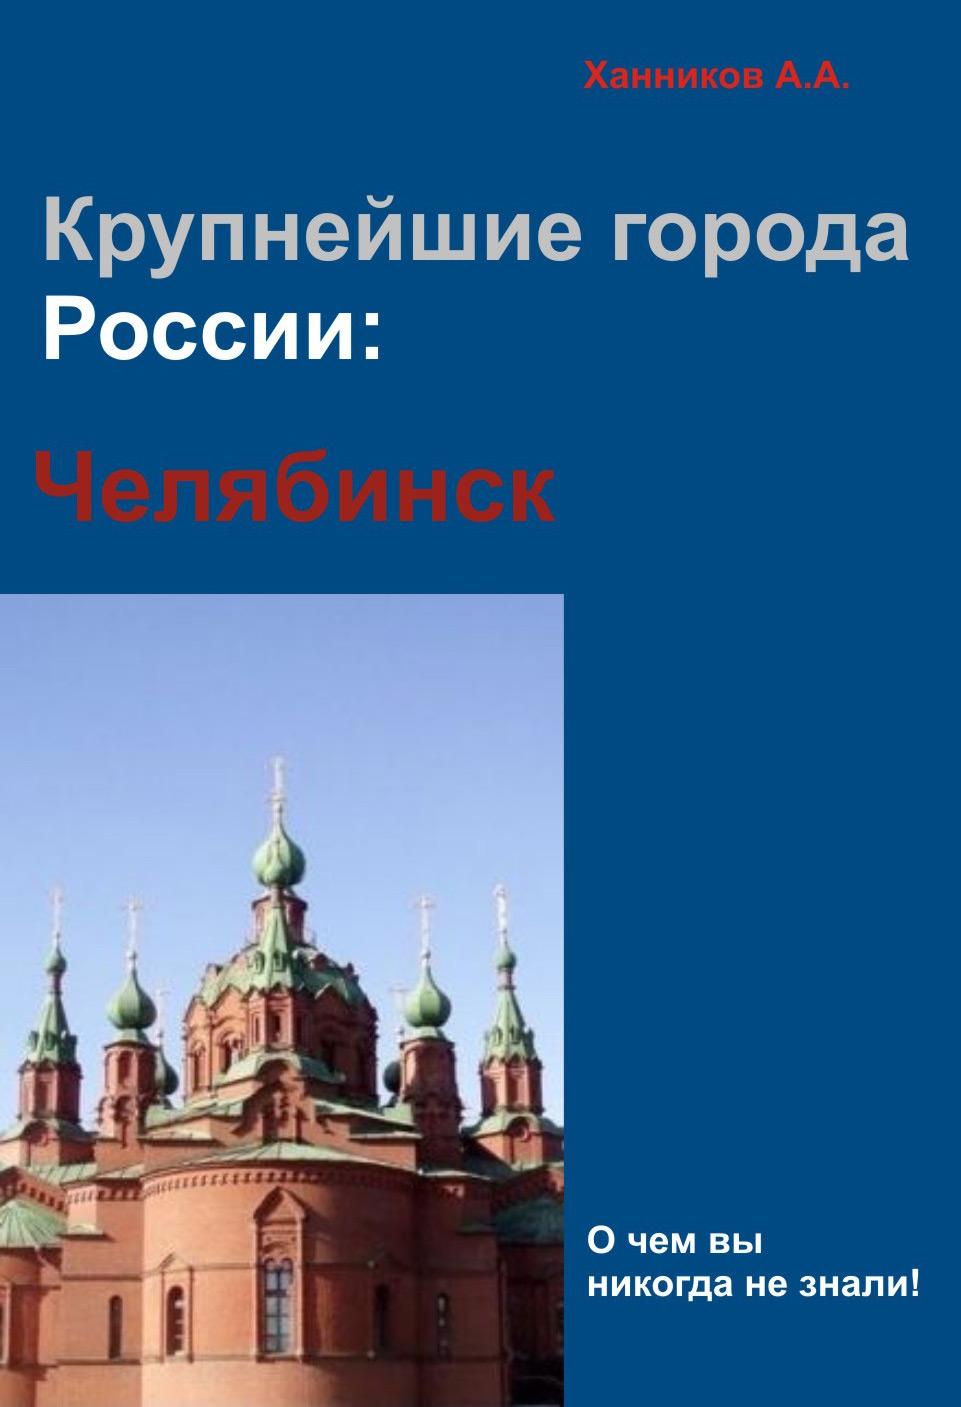 Александр Ханников Челябинск